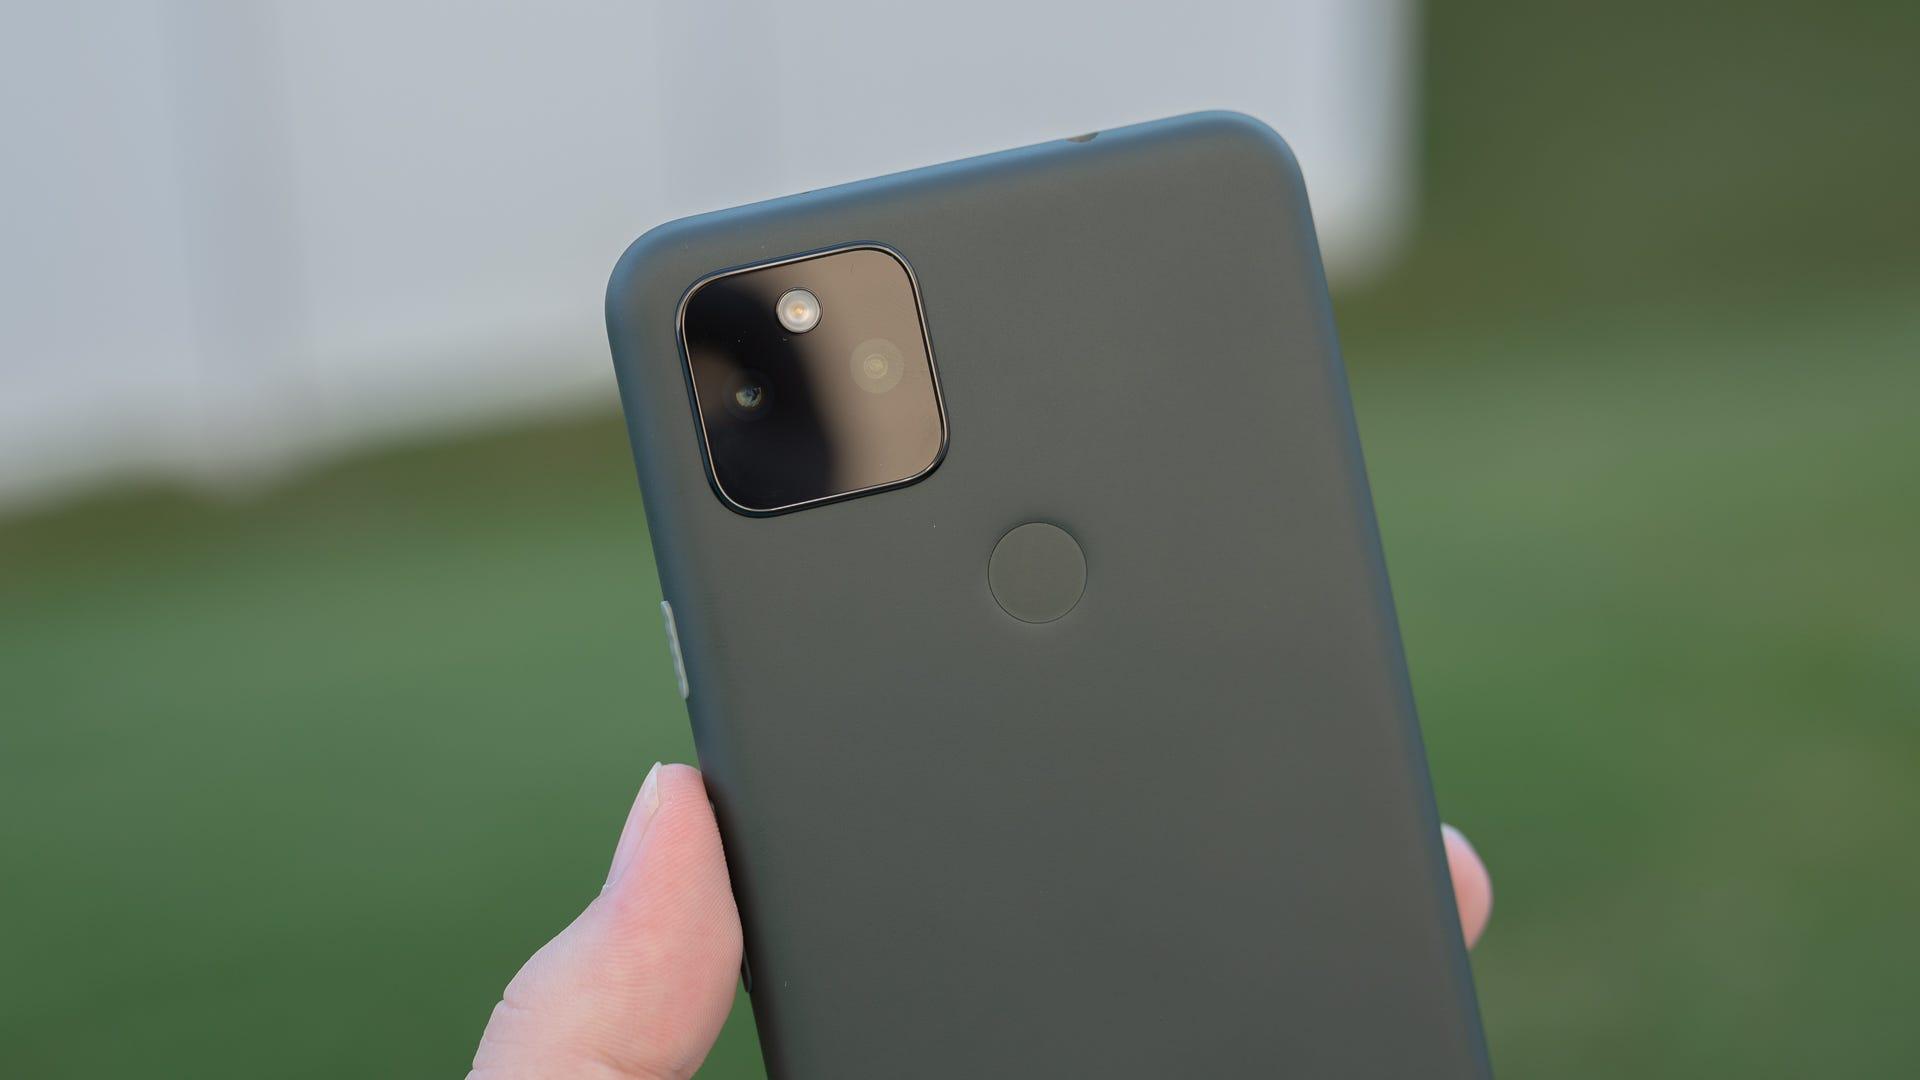 The Pixel 5a camera